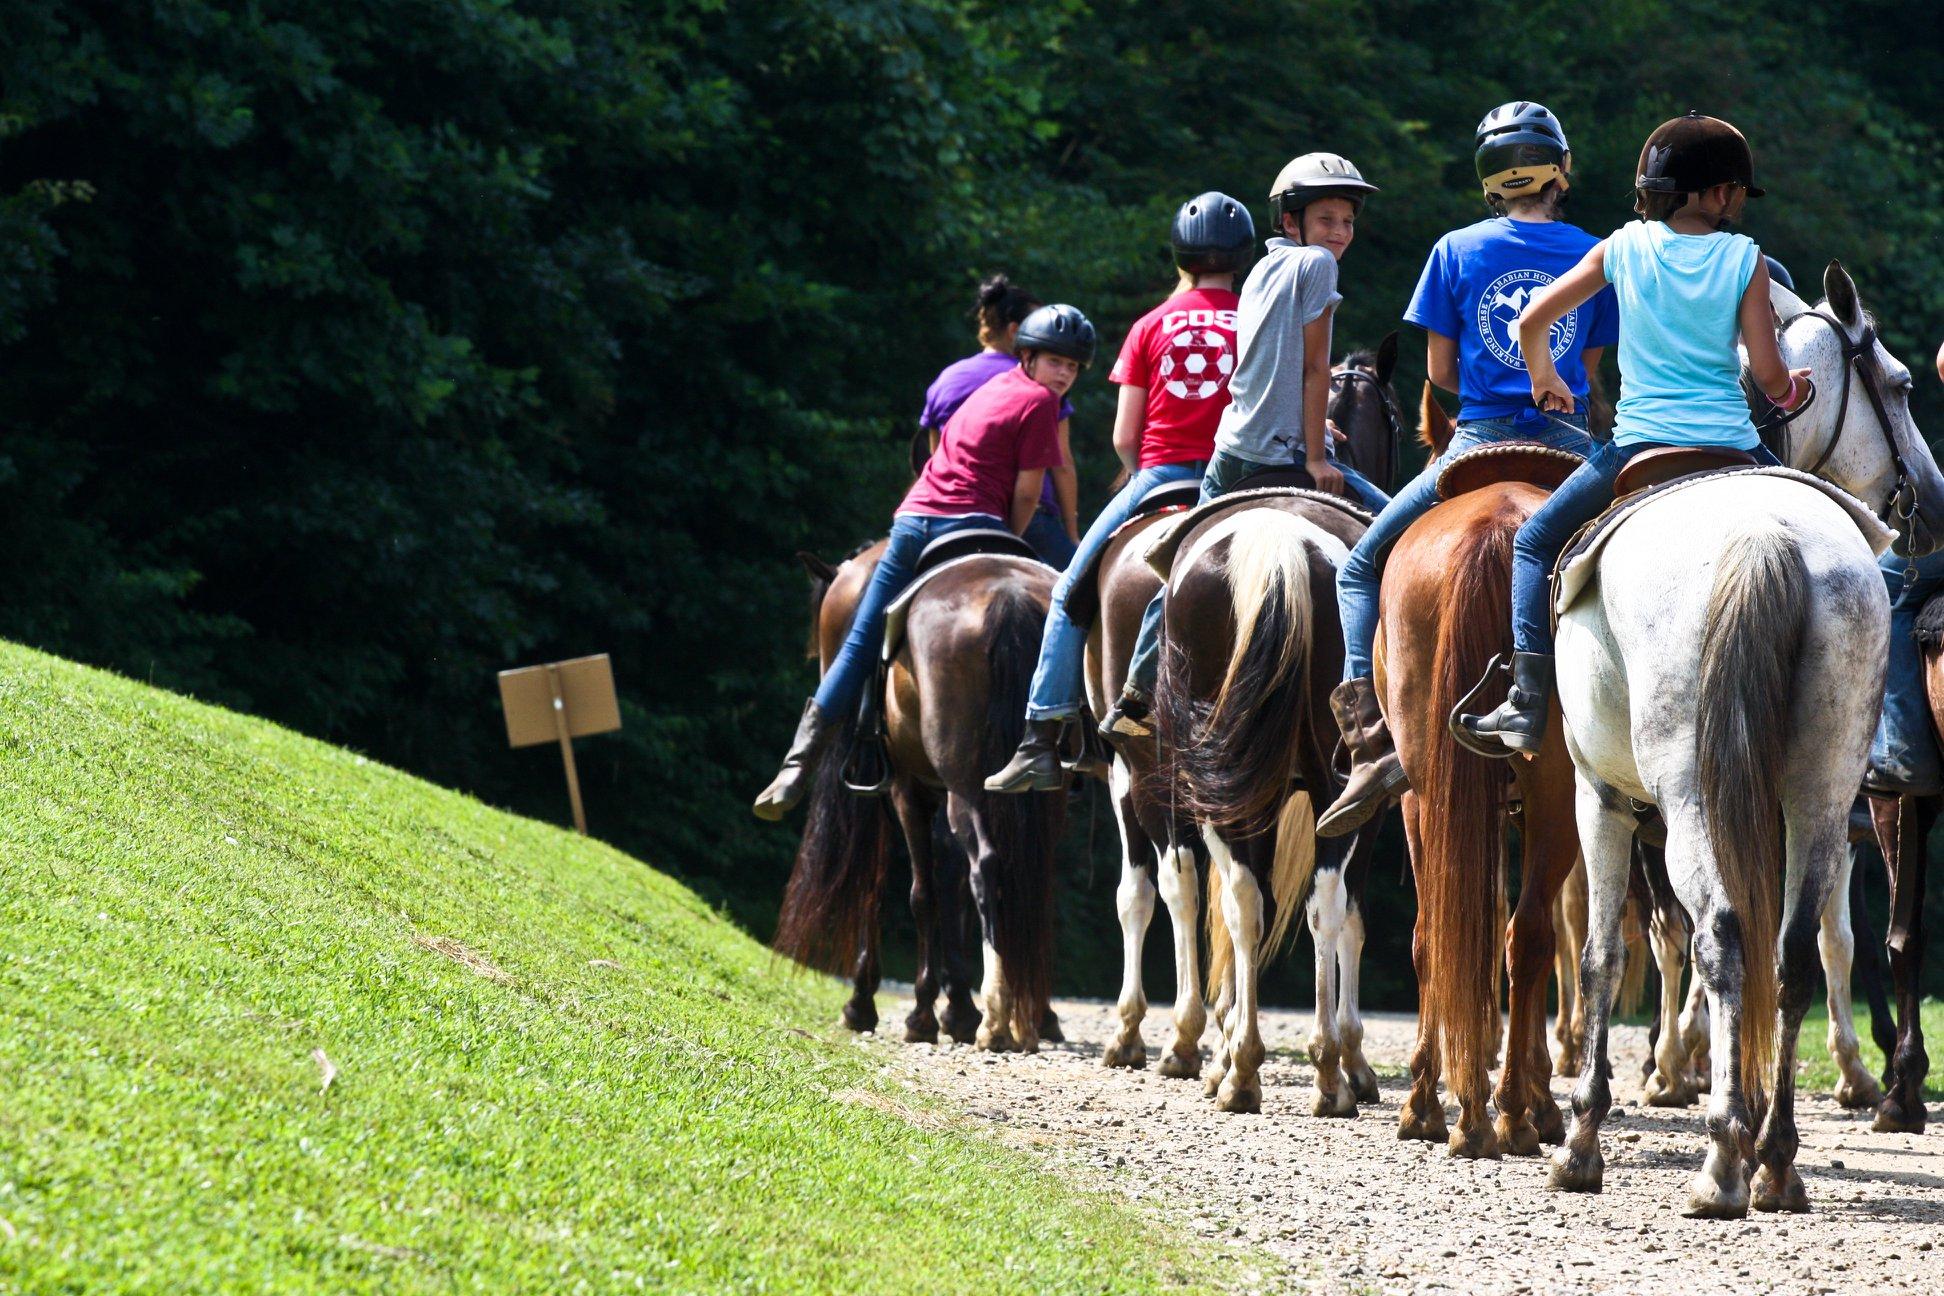 Girls riding horses at Greenway Summer Camp